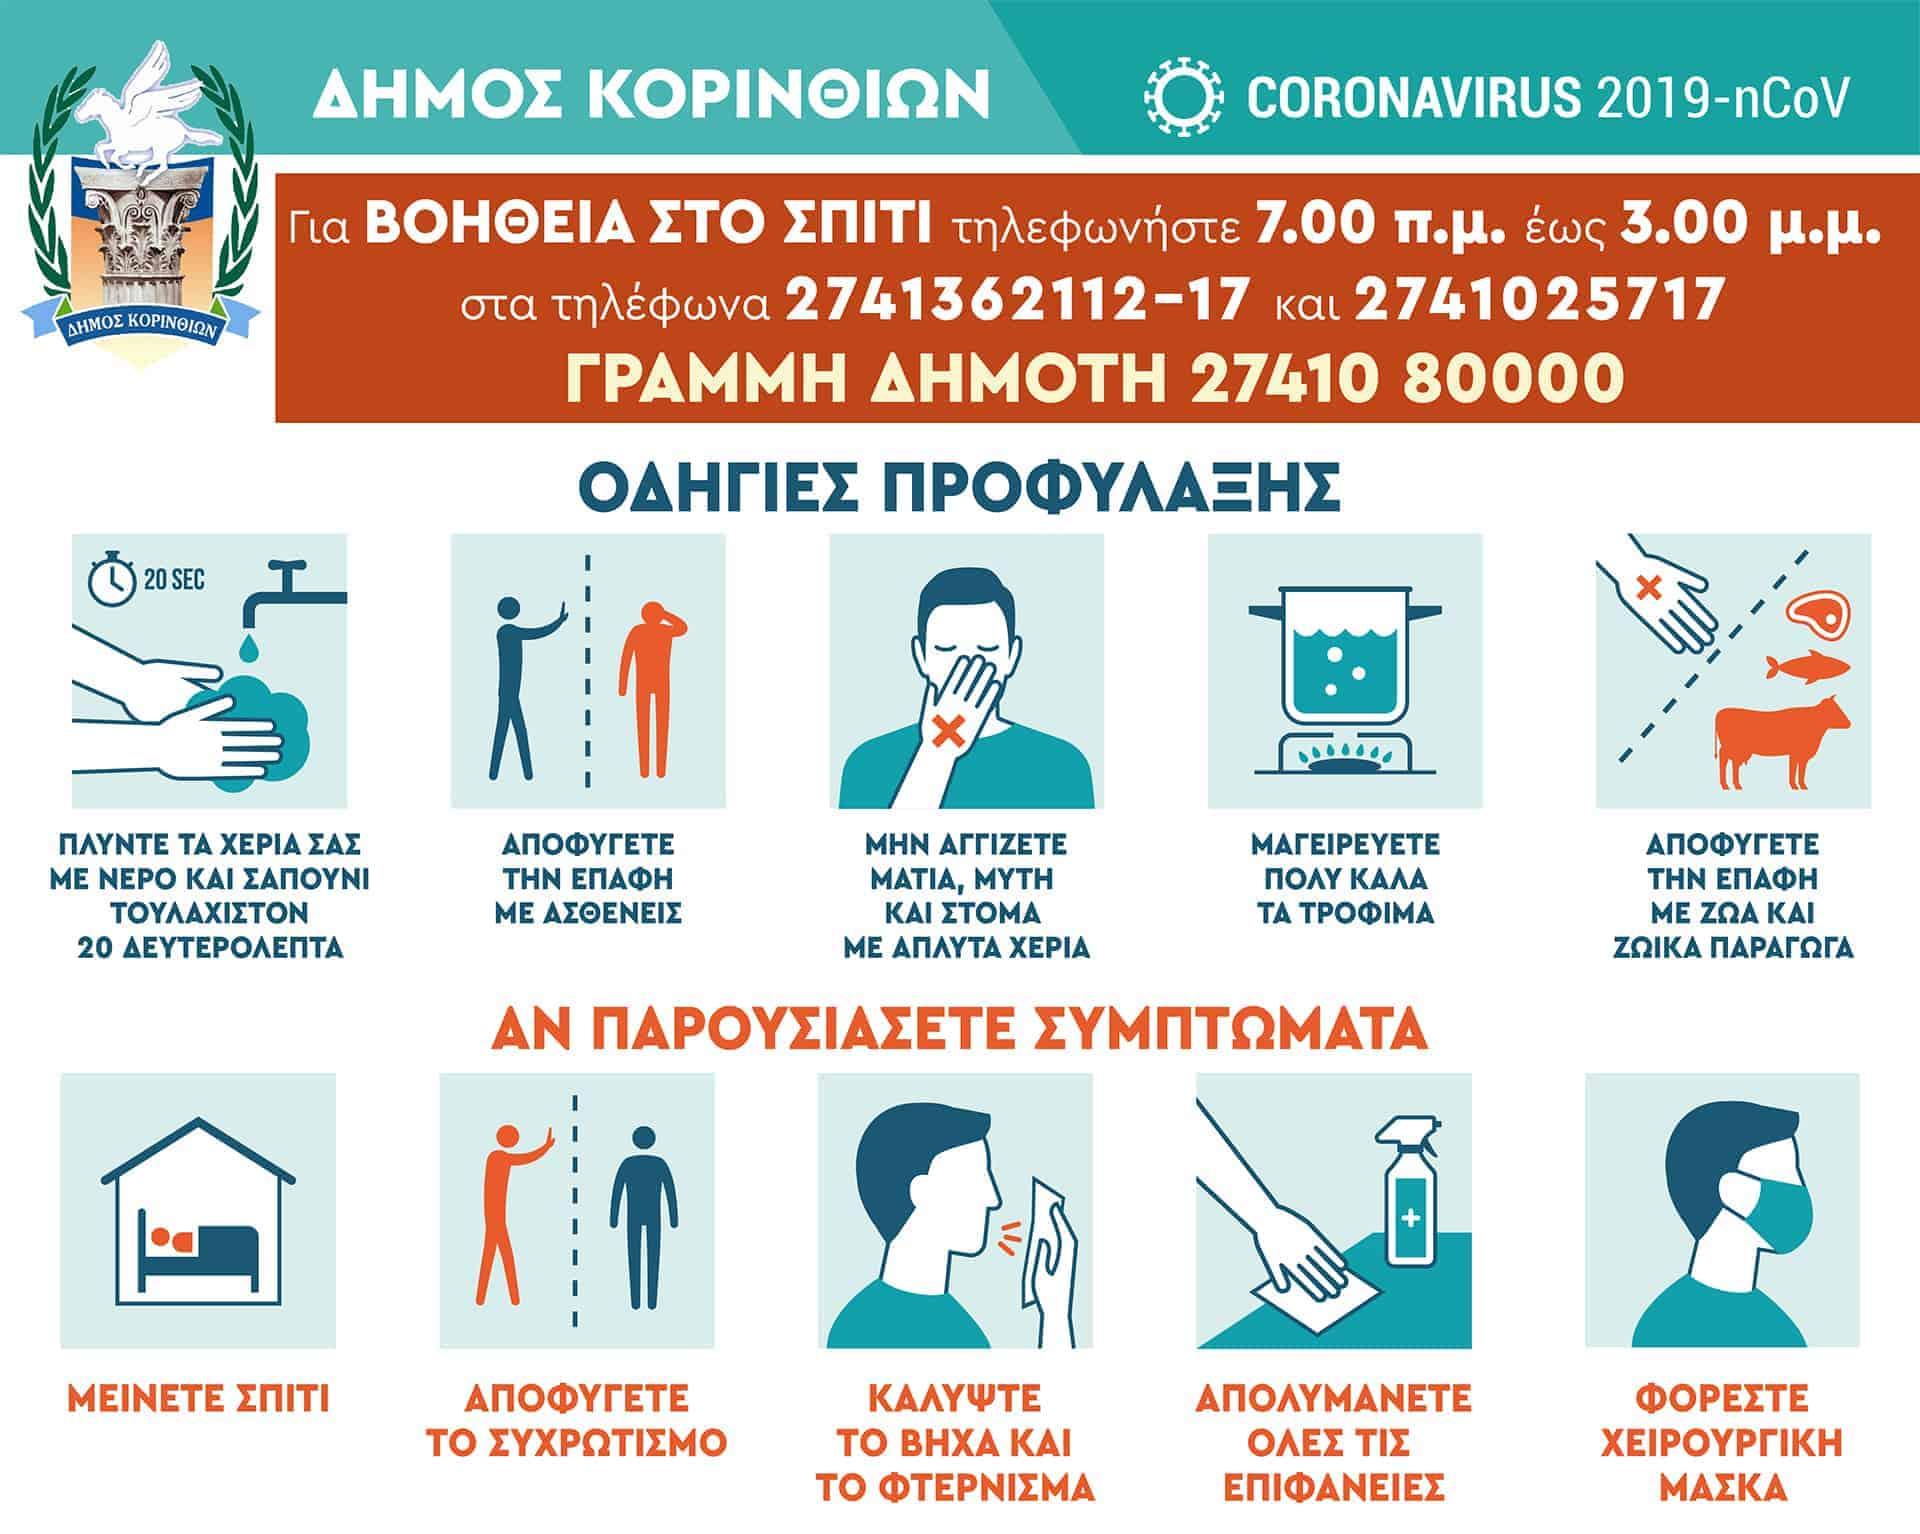 Κοροναϊός - Δήμος Κορινθίων